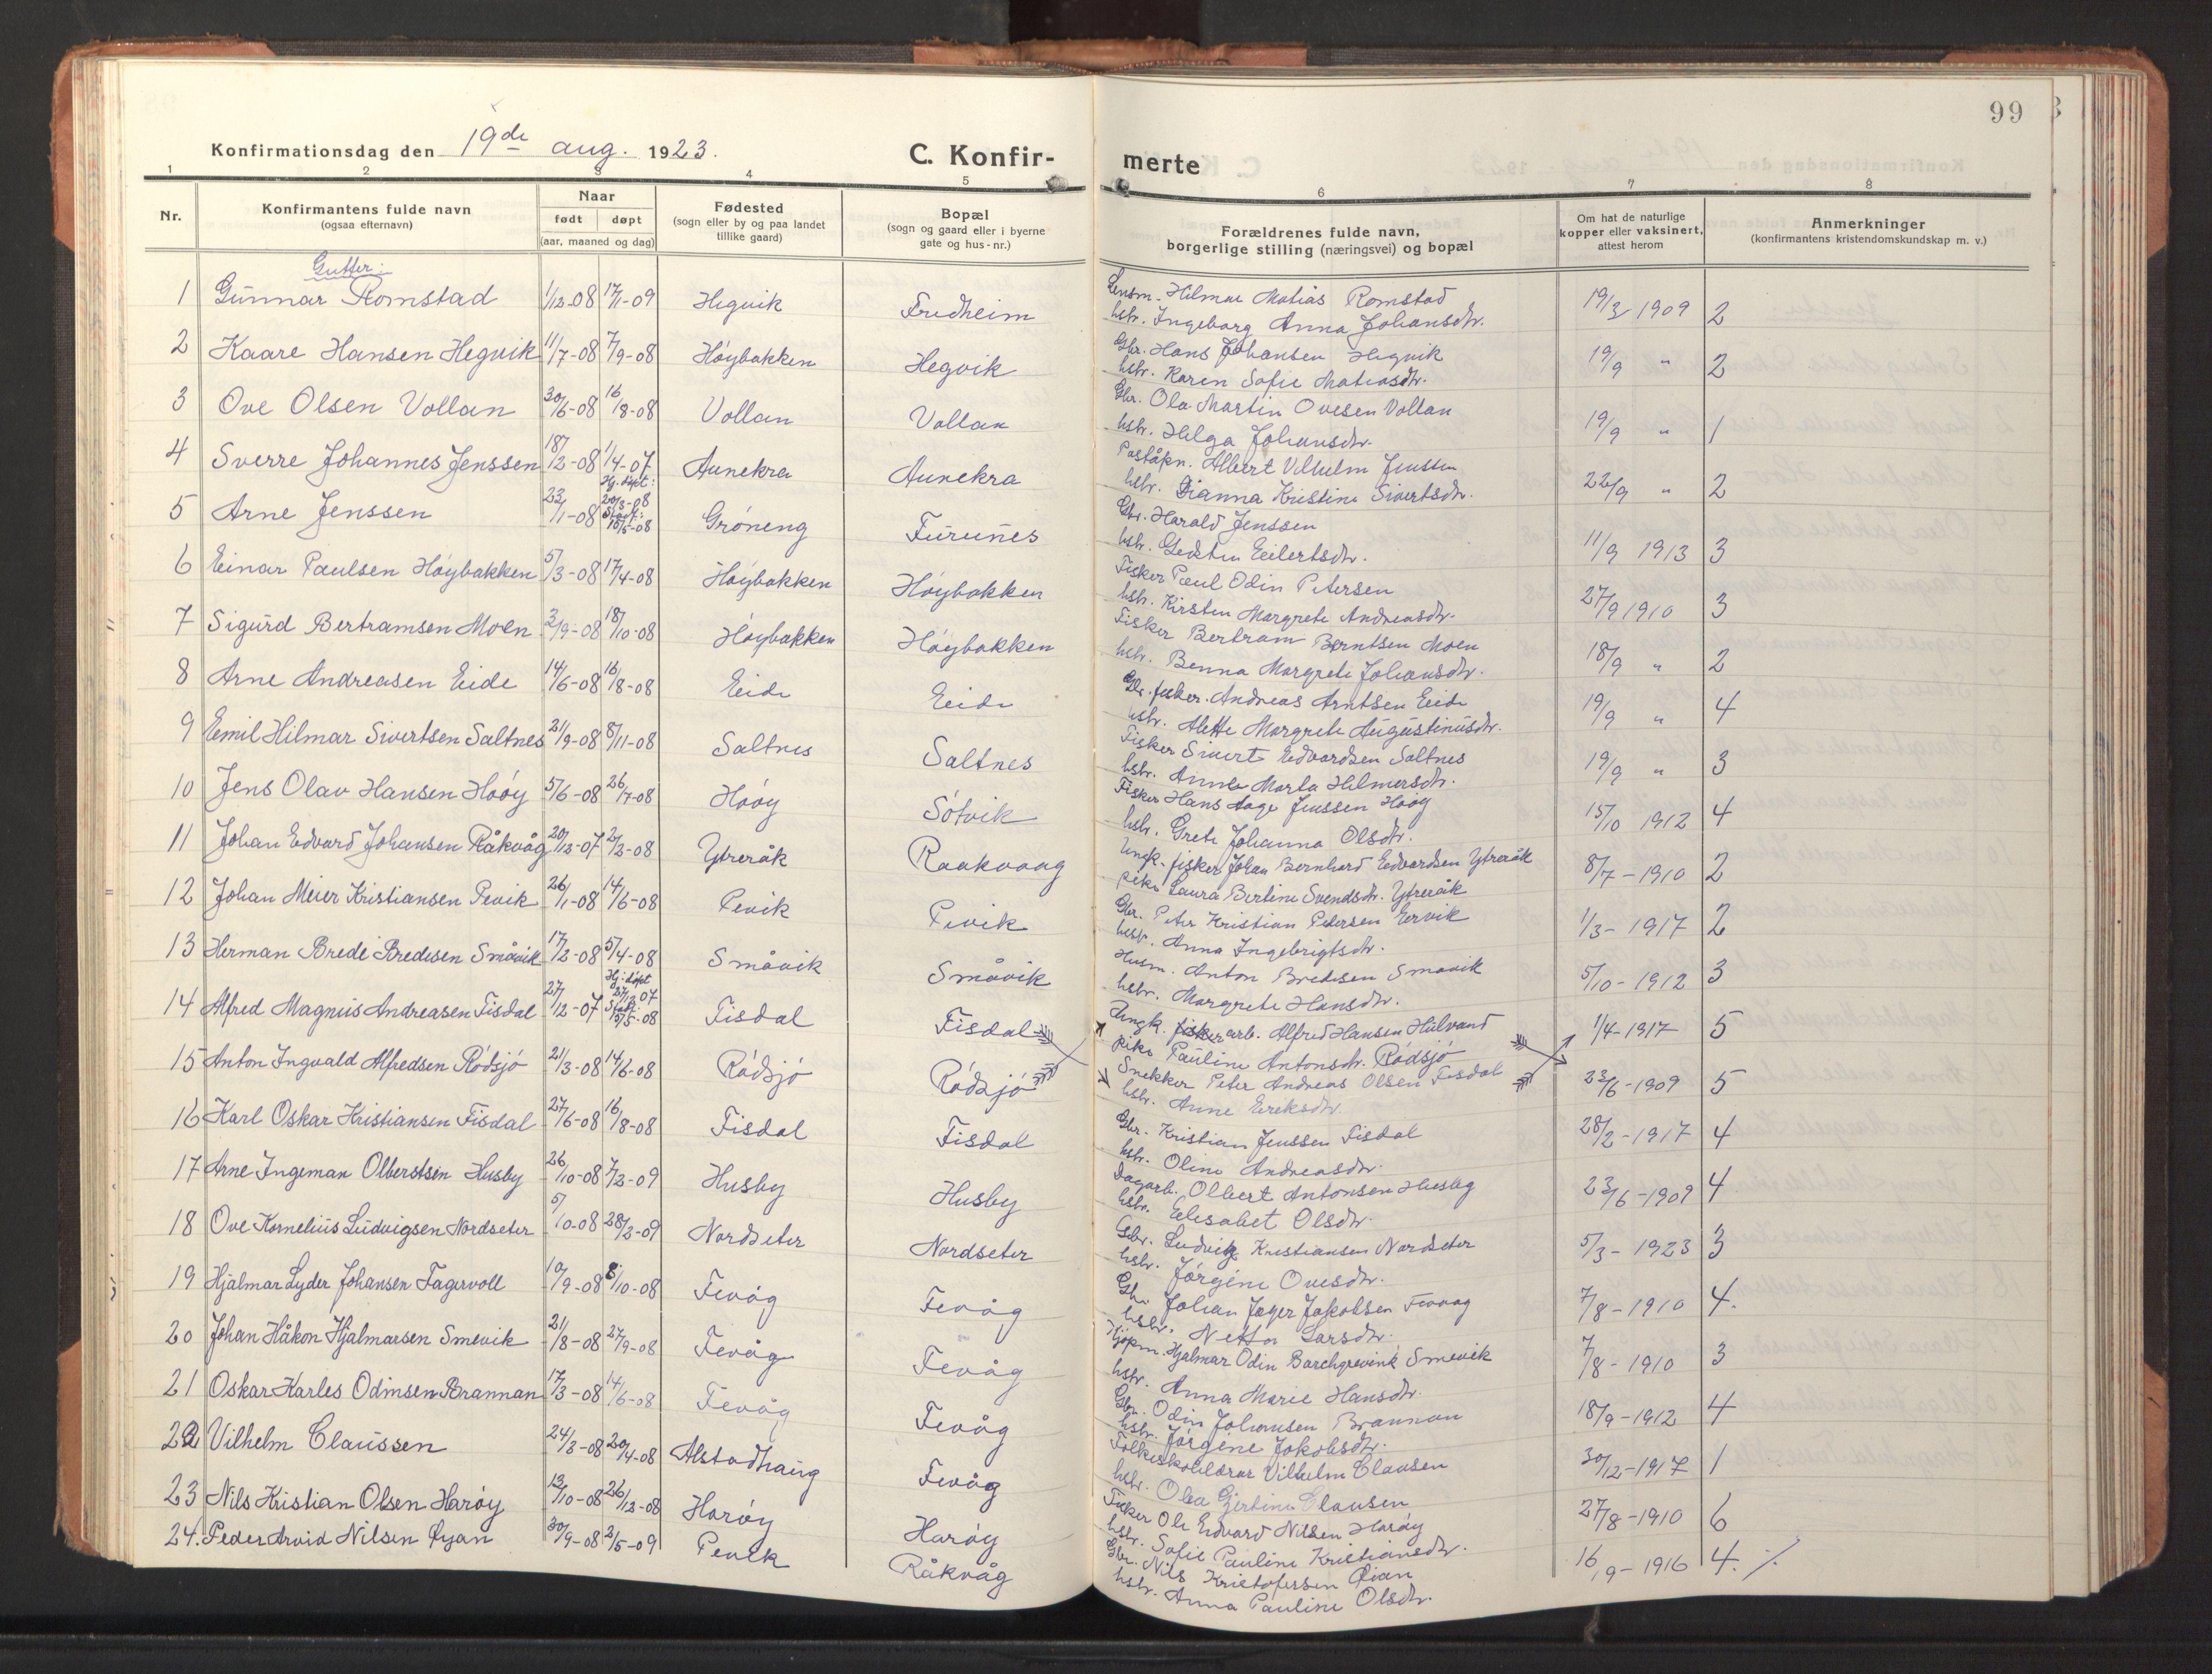 SAT, Ministerialprotokoller, klokkerbøker og fødselsregistre - Sør-Trøndelag, 653/L0658: Klokkerbok nr. 653C02, 1919-1947, s. 99